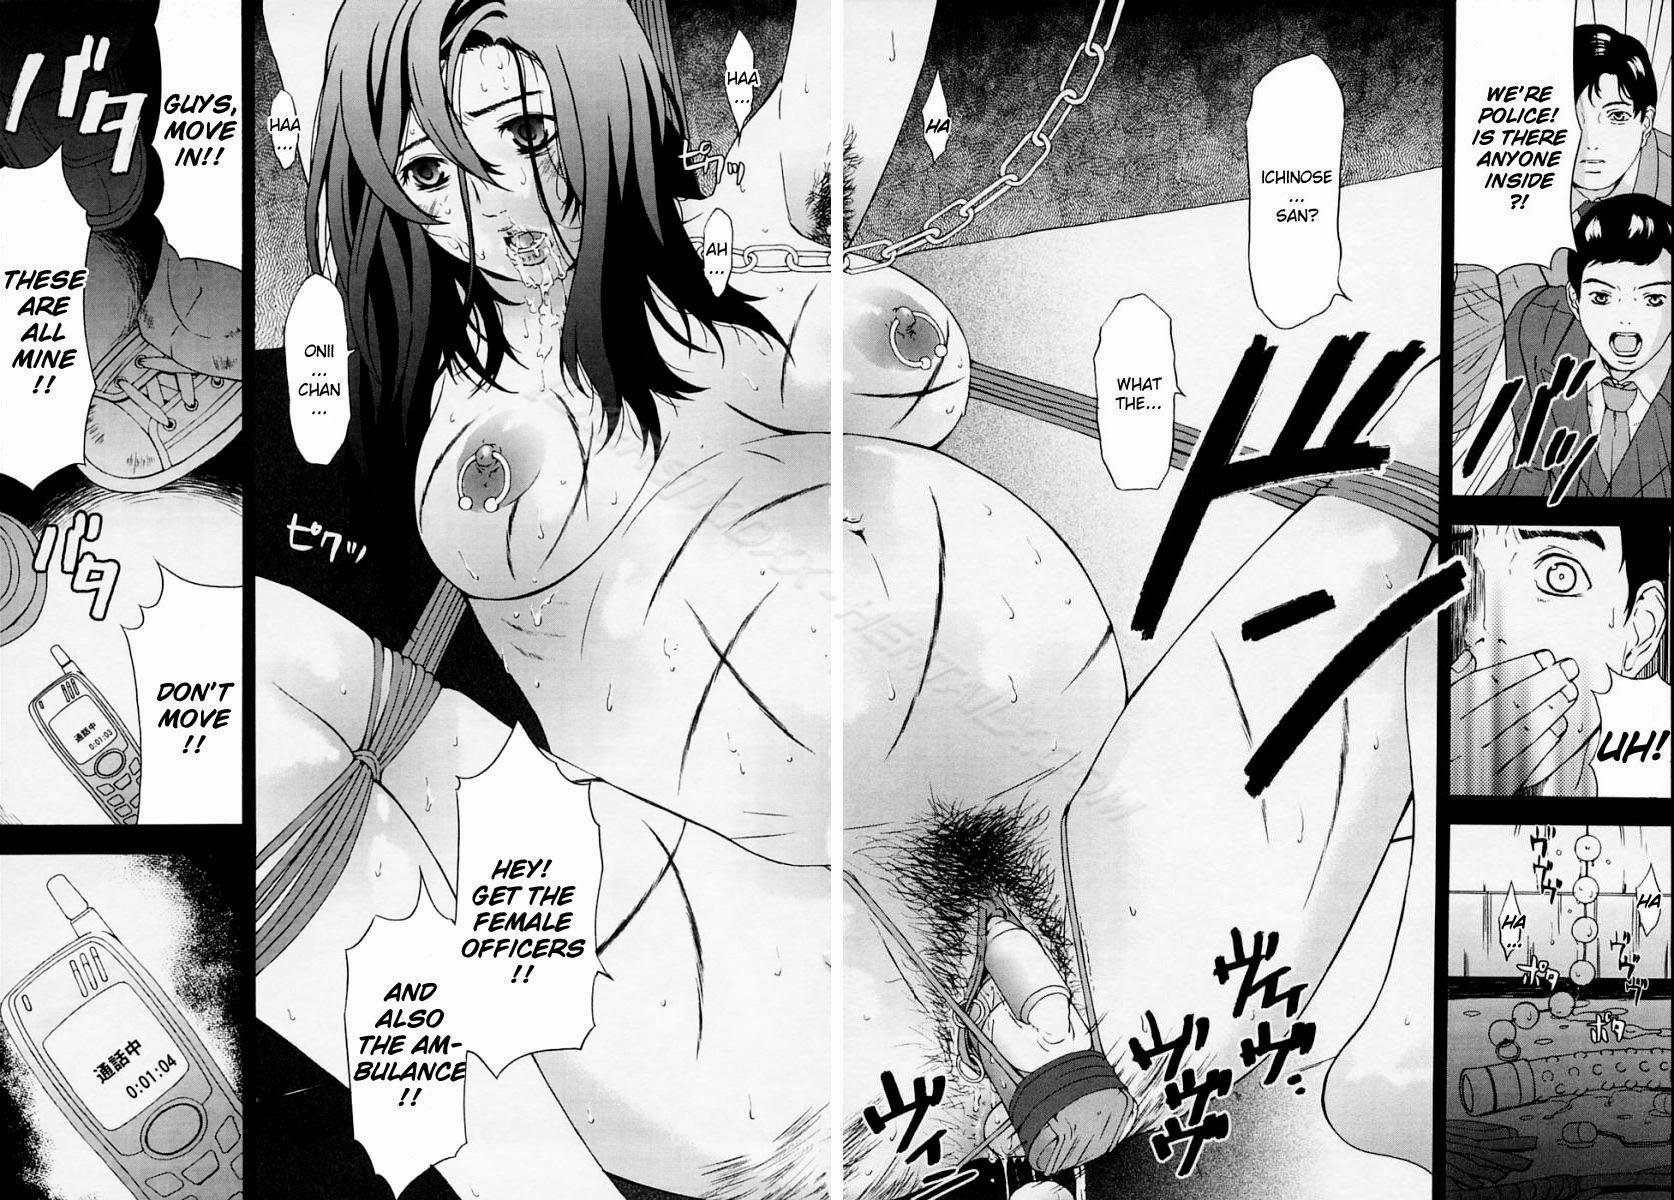 Hình ảnh Hinh_012 in Em Thèm Tinh Dịch - H Manga